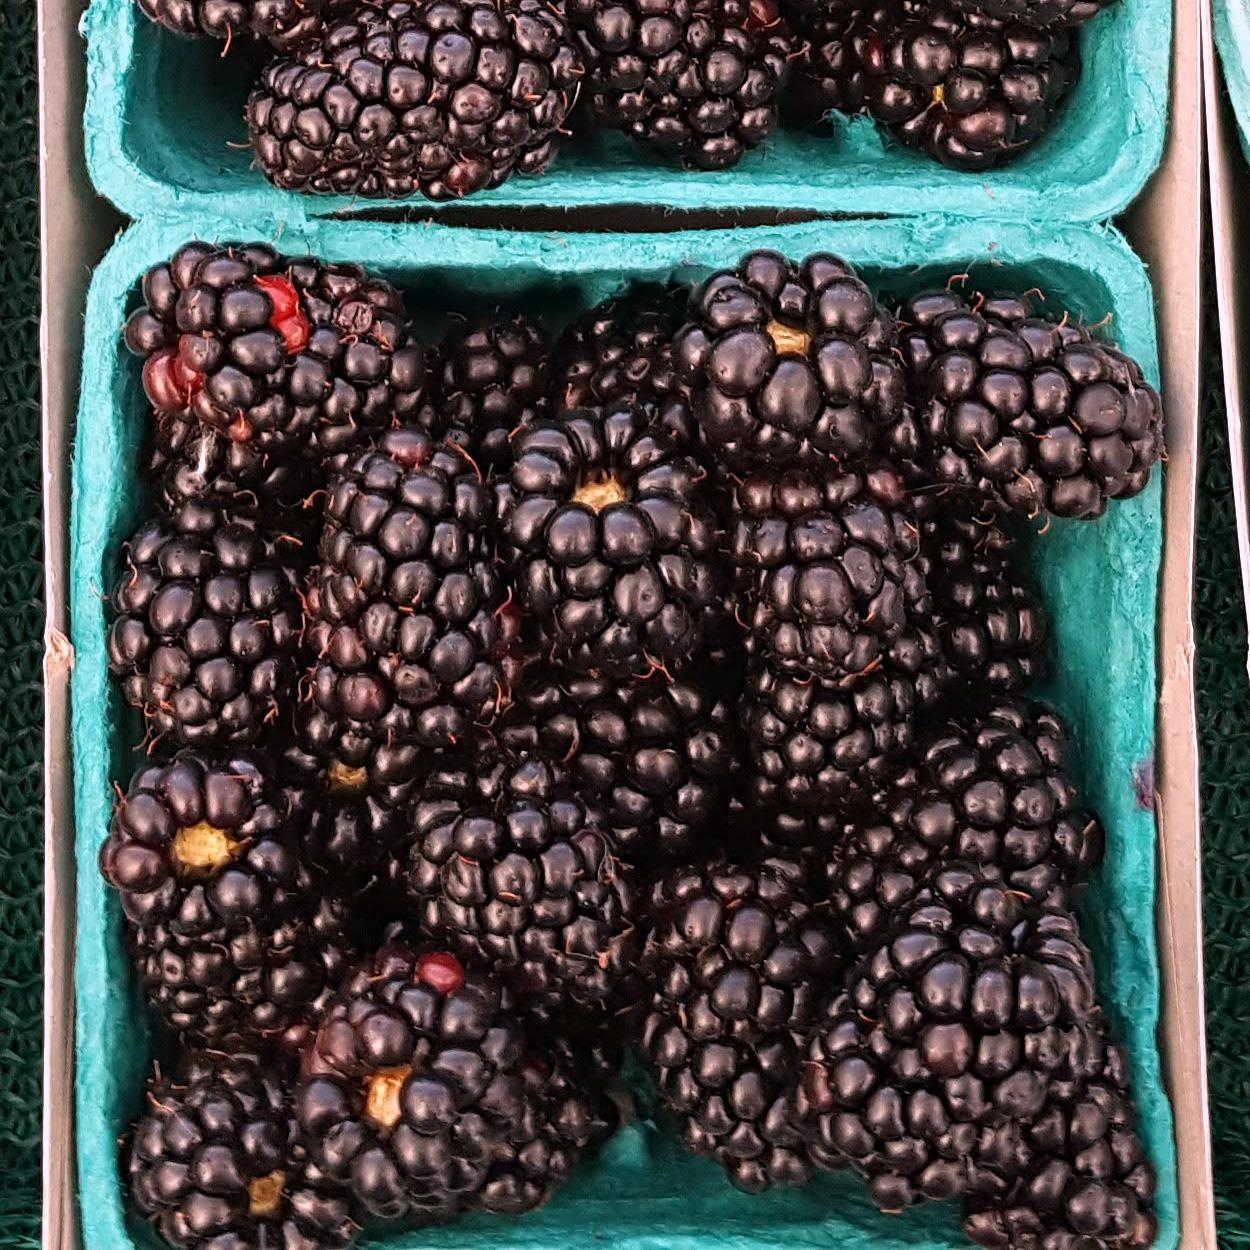 insta blackberries in basket